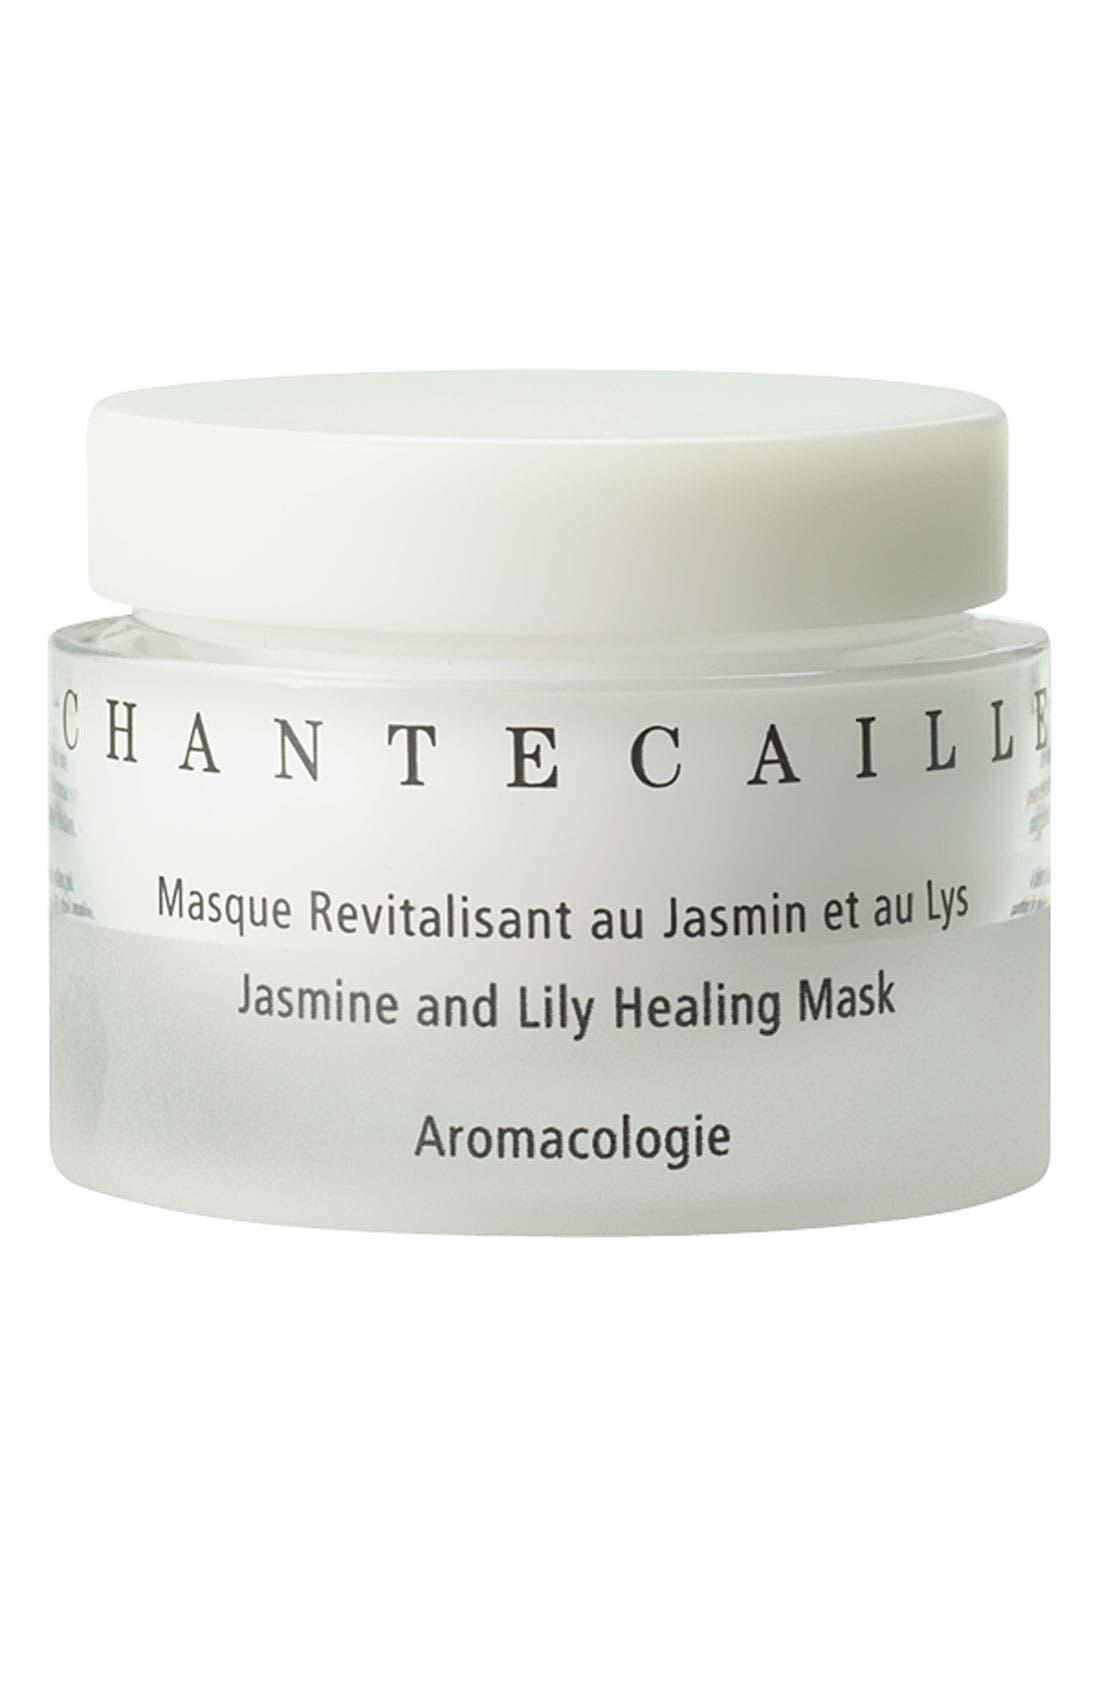 Jasmine and Lily Healing Mask,                             Main thumbnail 1, color,                             NO COLOR